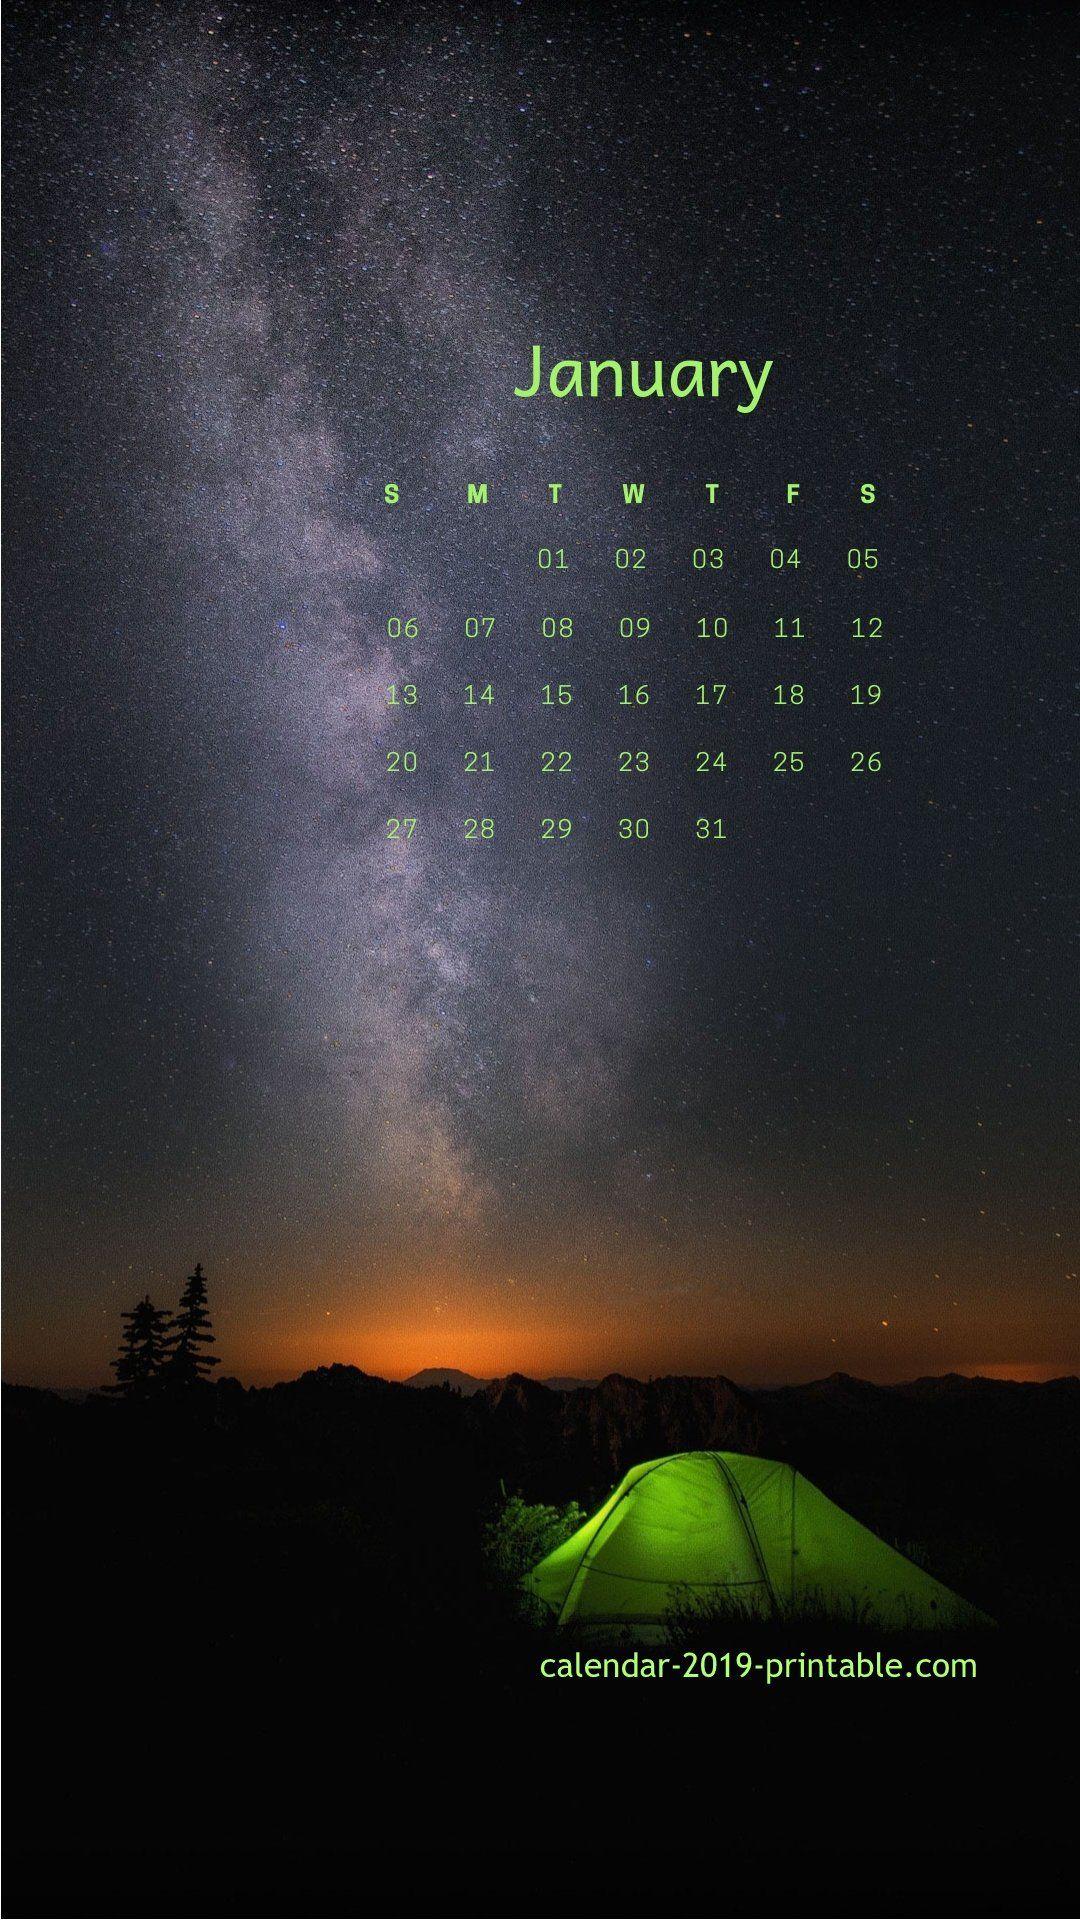 January 2019 Iphone Lockscreen Calendar | Calendar Wallpaper for Calendar On Lock Screen Iphone